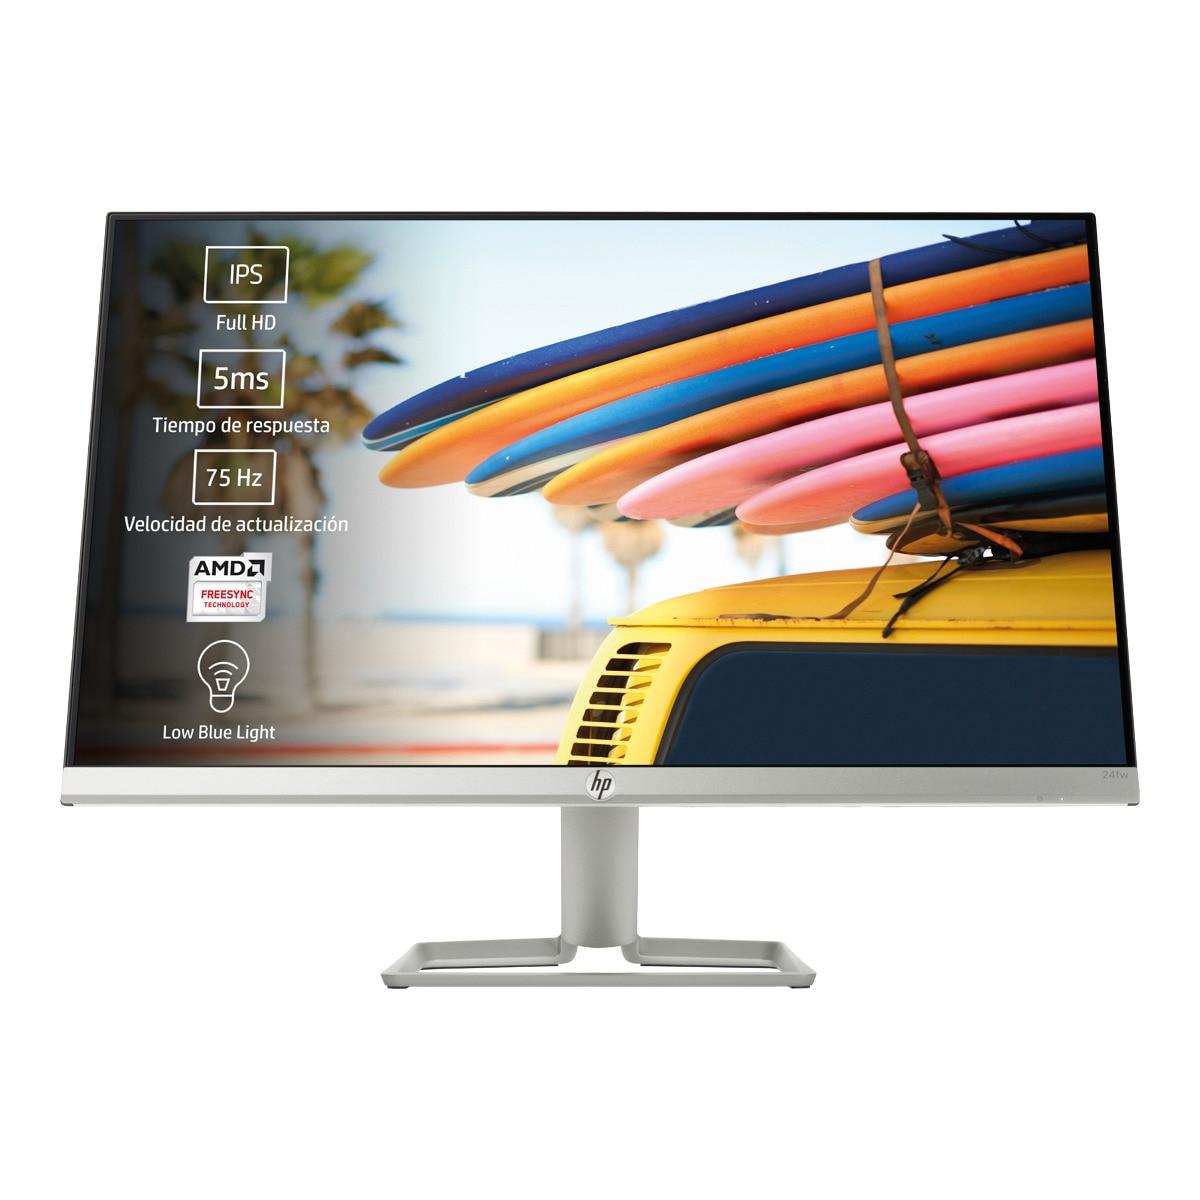 Monitor HP 24fw, Full HD, AMD FreeSync